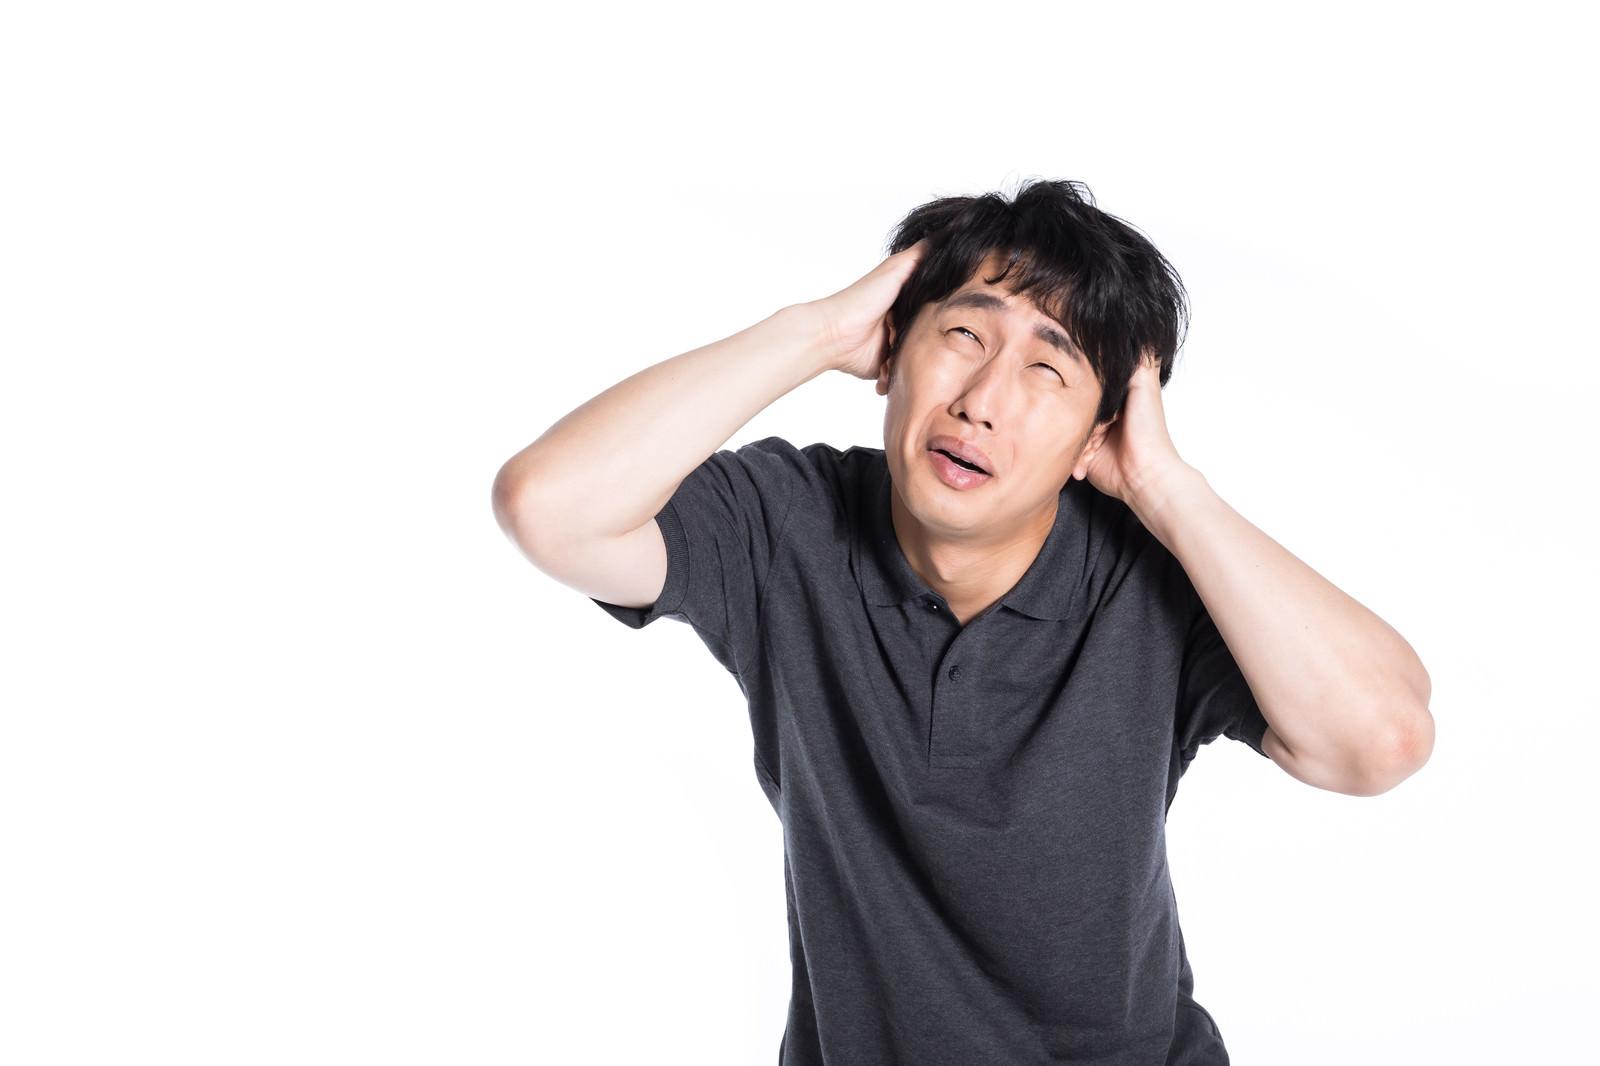 「頭を抱えて焦る男性」の写真[モデル:大川竜弥]